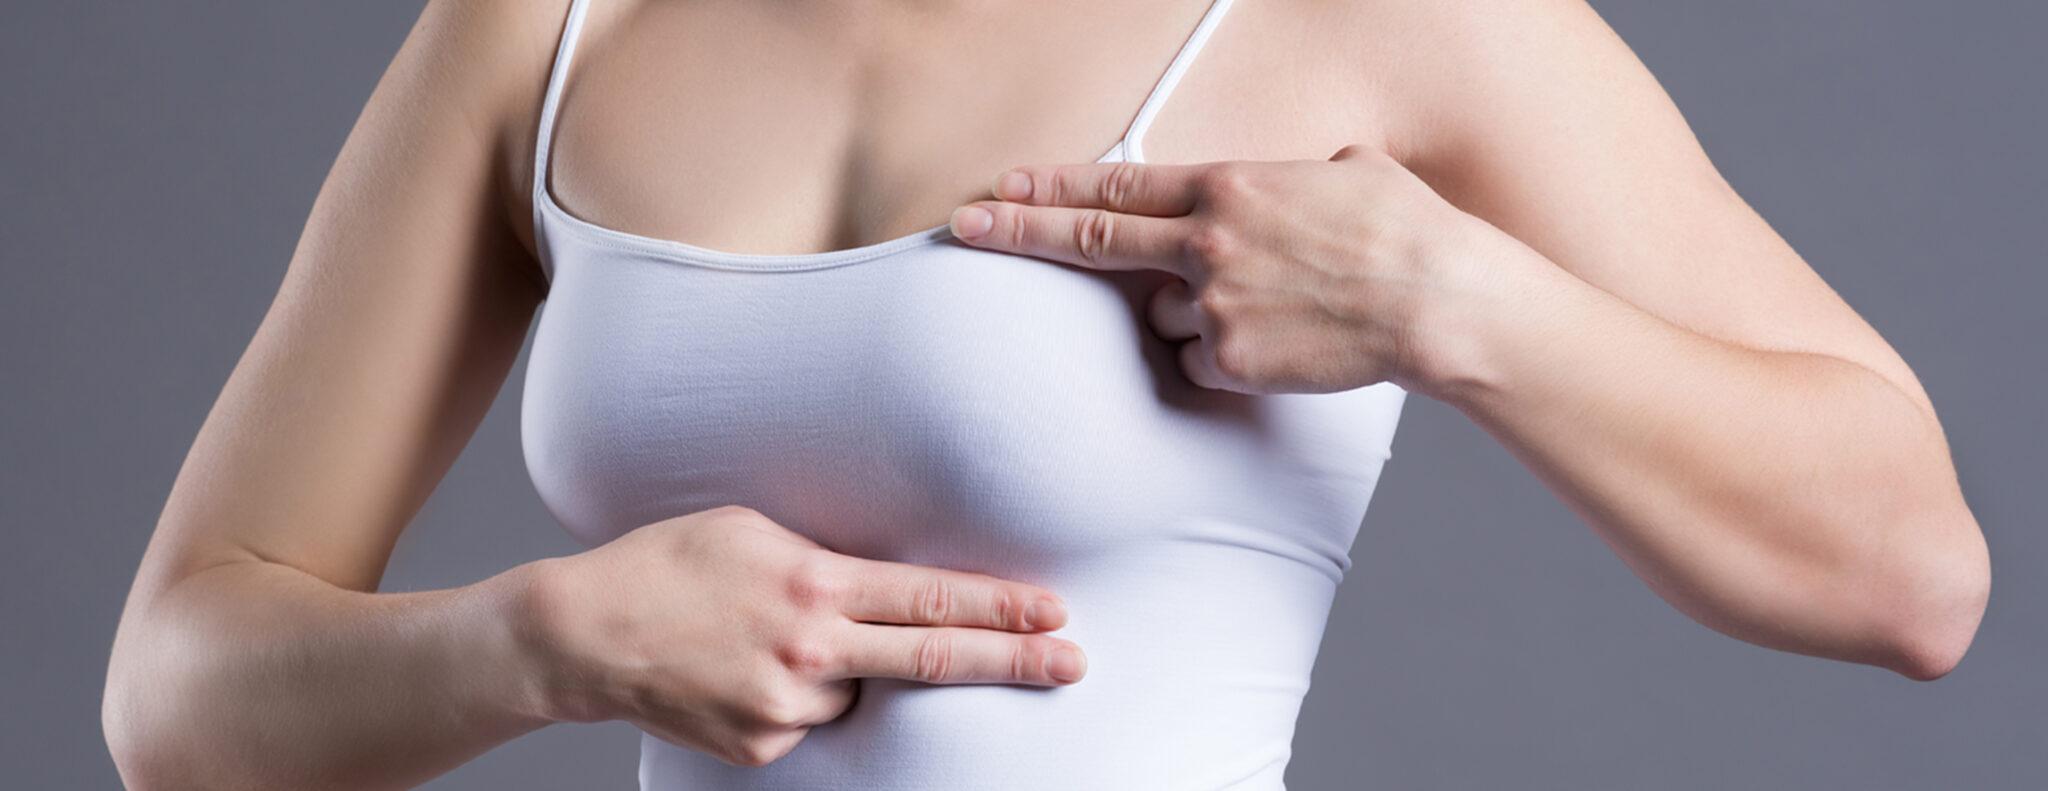 Dolore al seno da ciclo, cosa fare